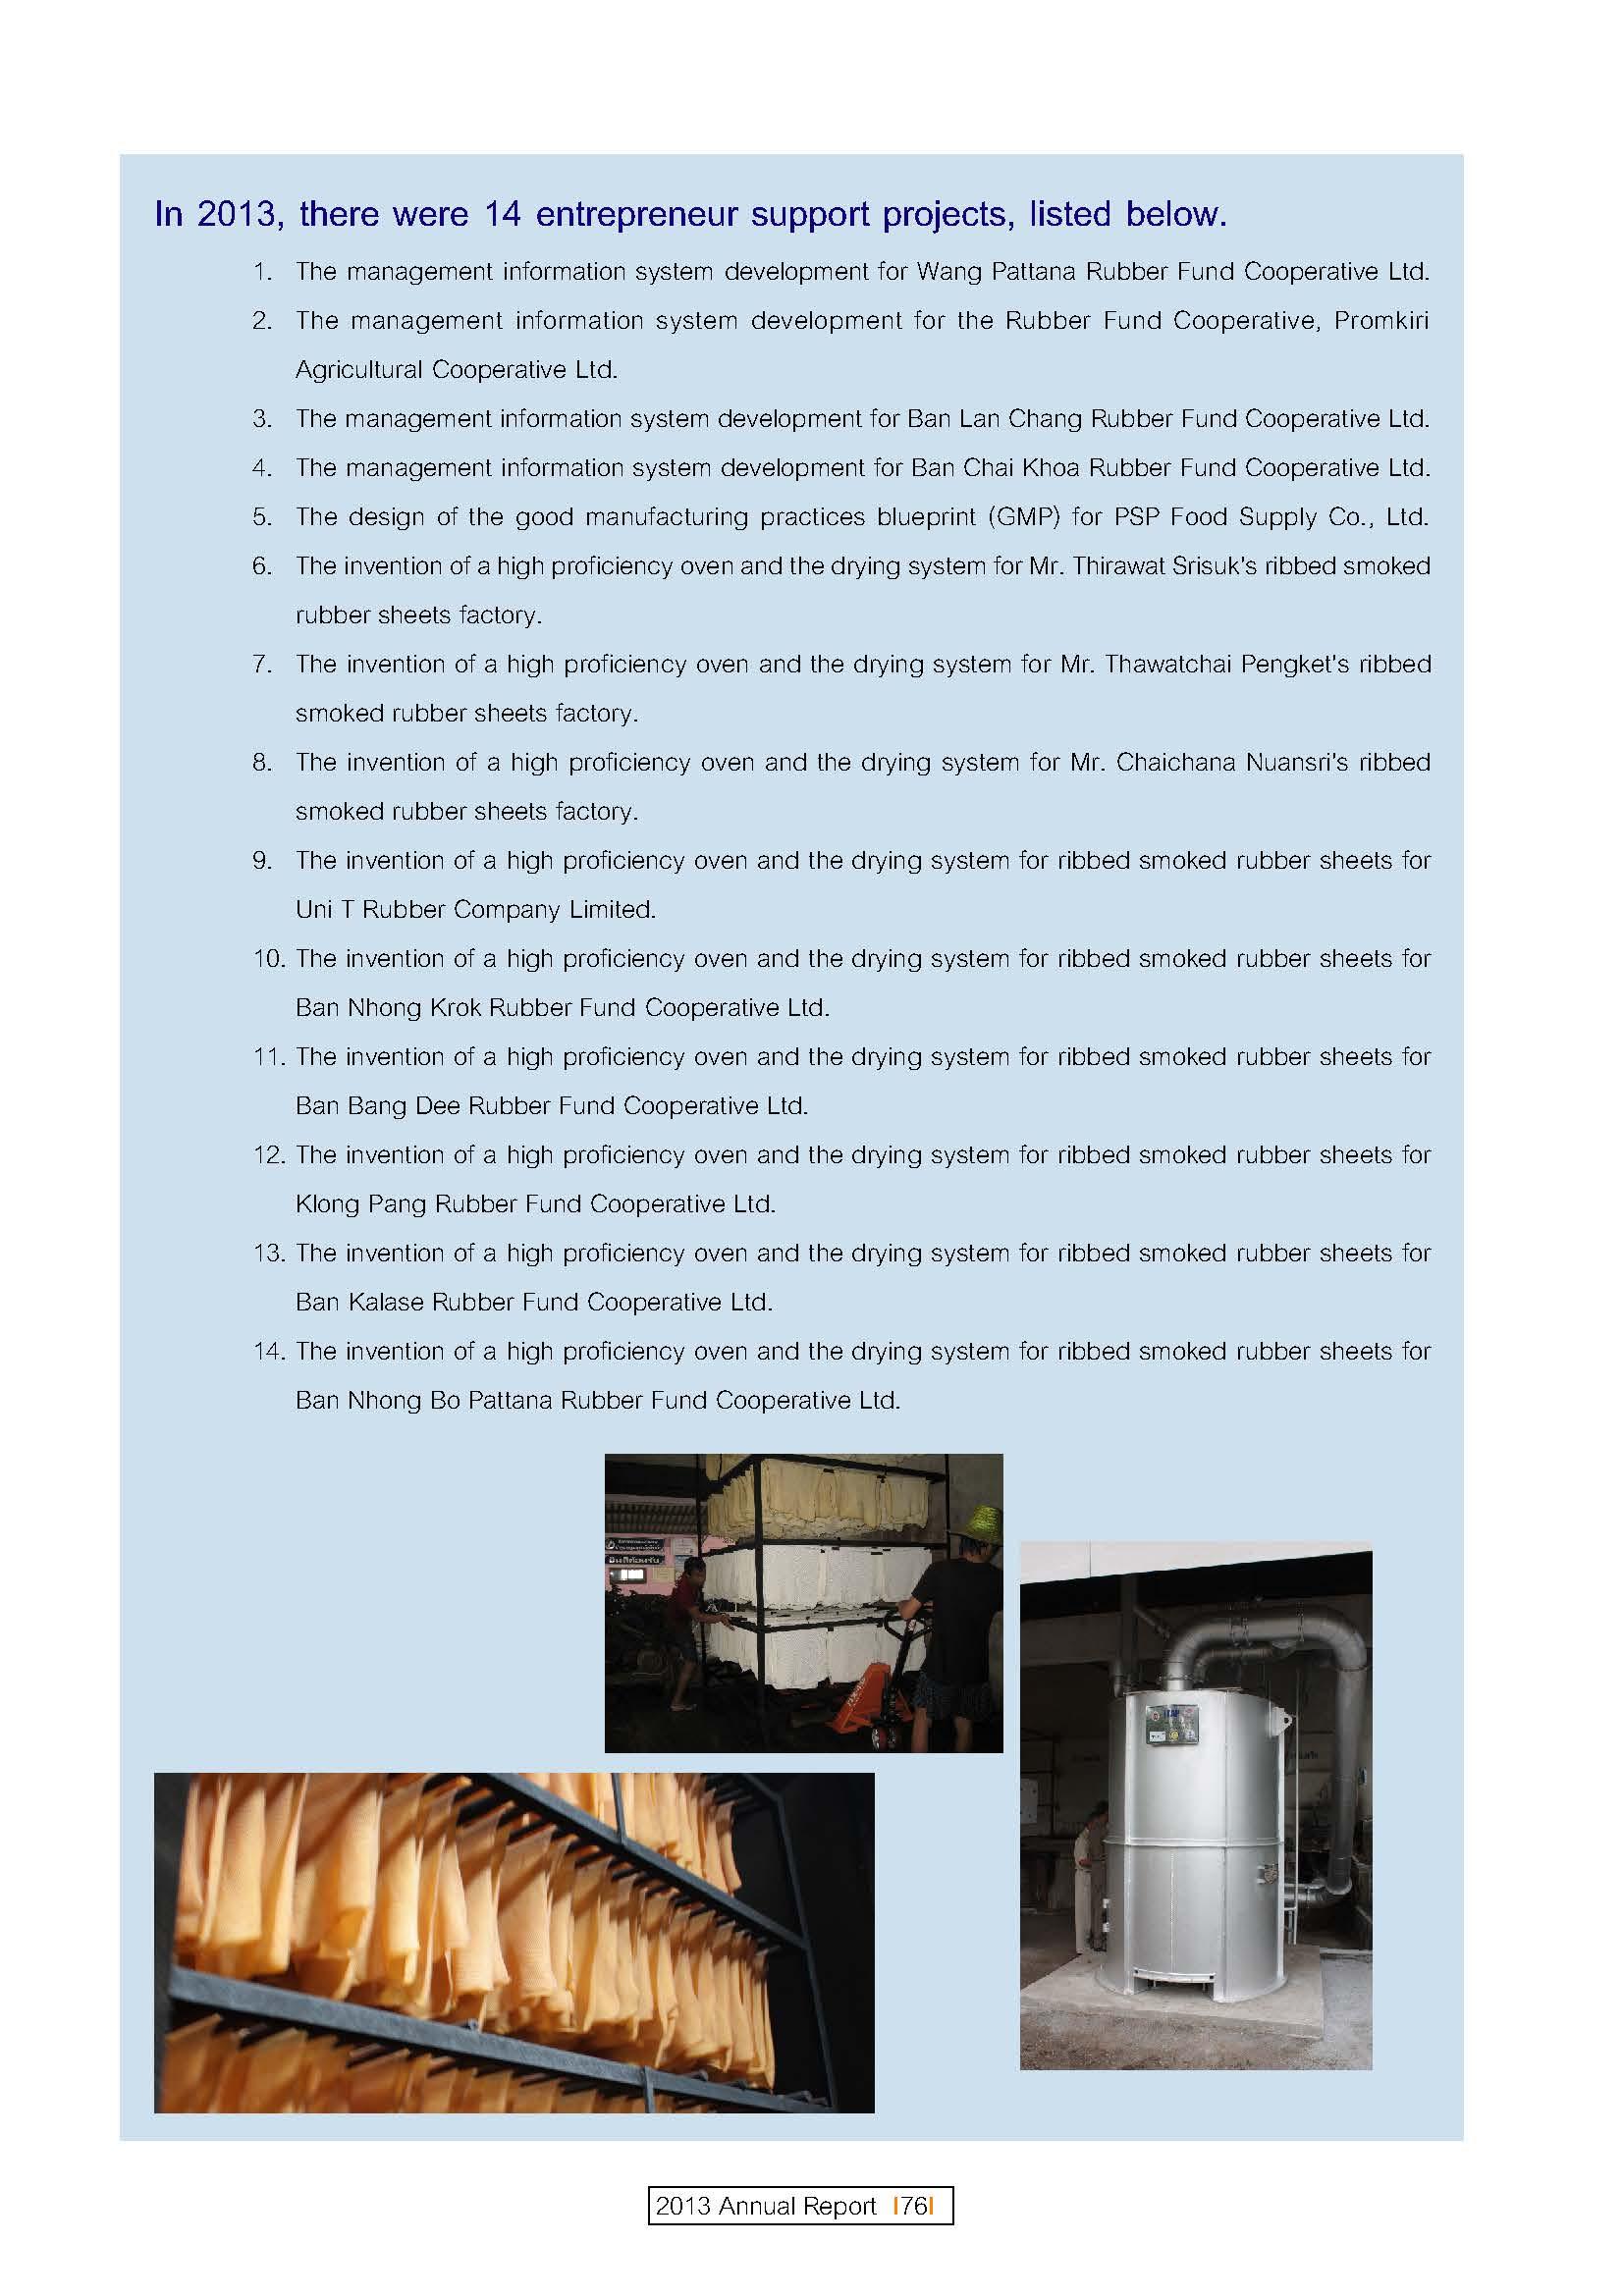 รายงานประจำปี2013ภาษาอังกฤษ_Page_76